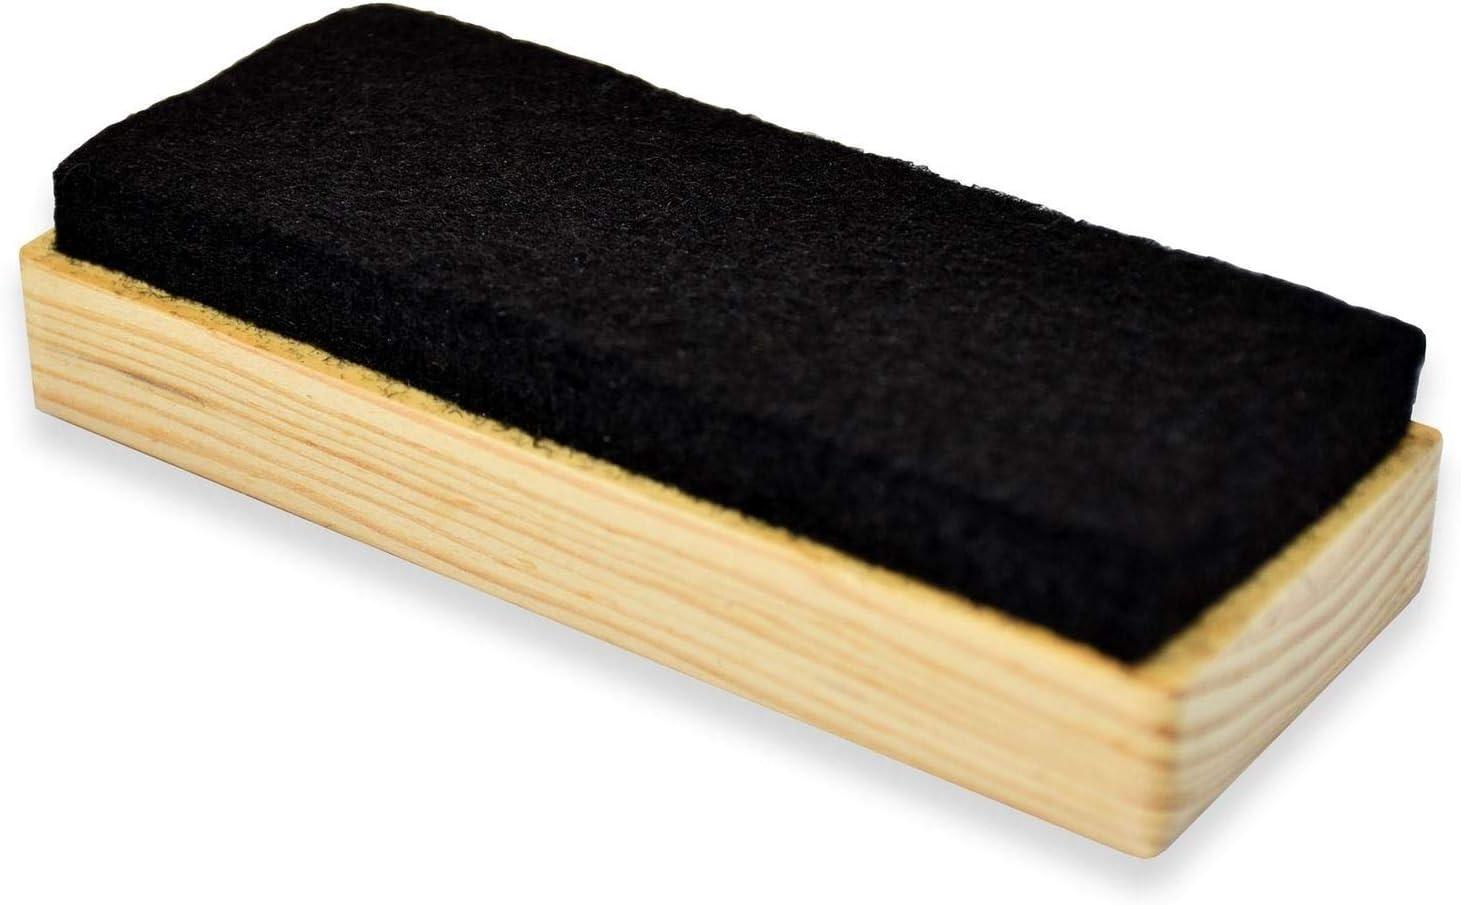 Lelin Felt Chalk blackboard Duster Eraser by LELIN by LELIN